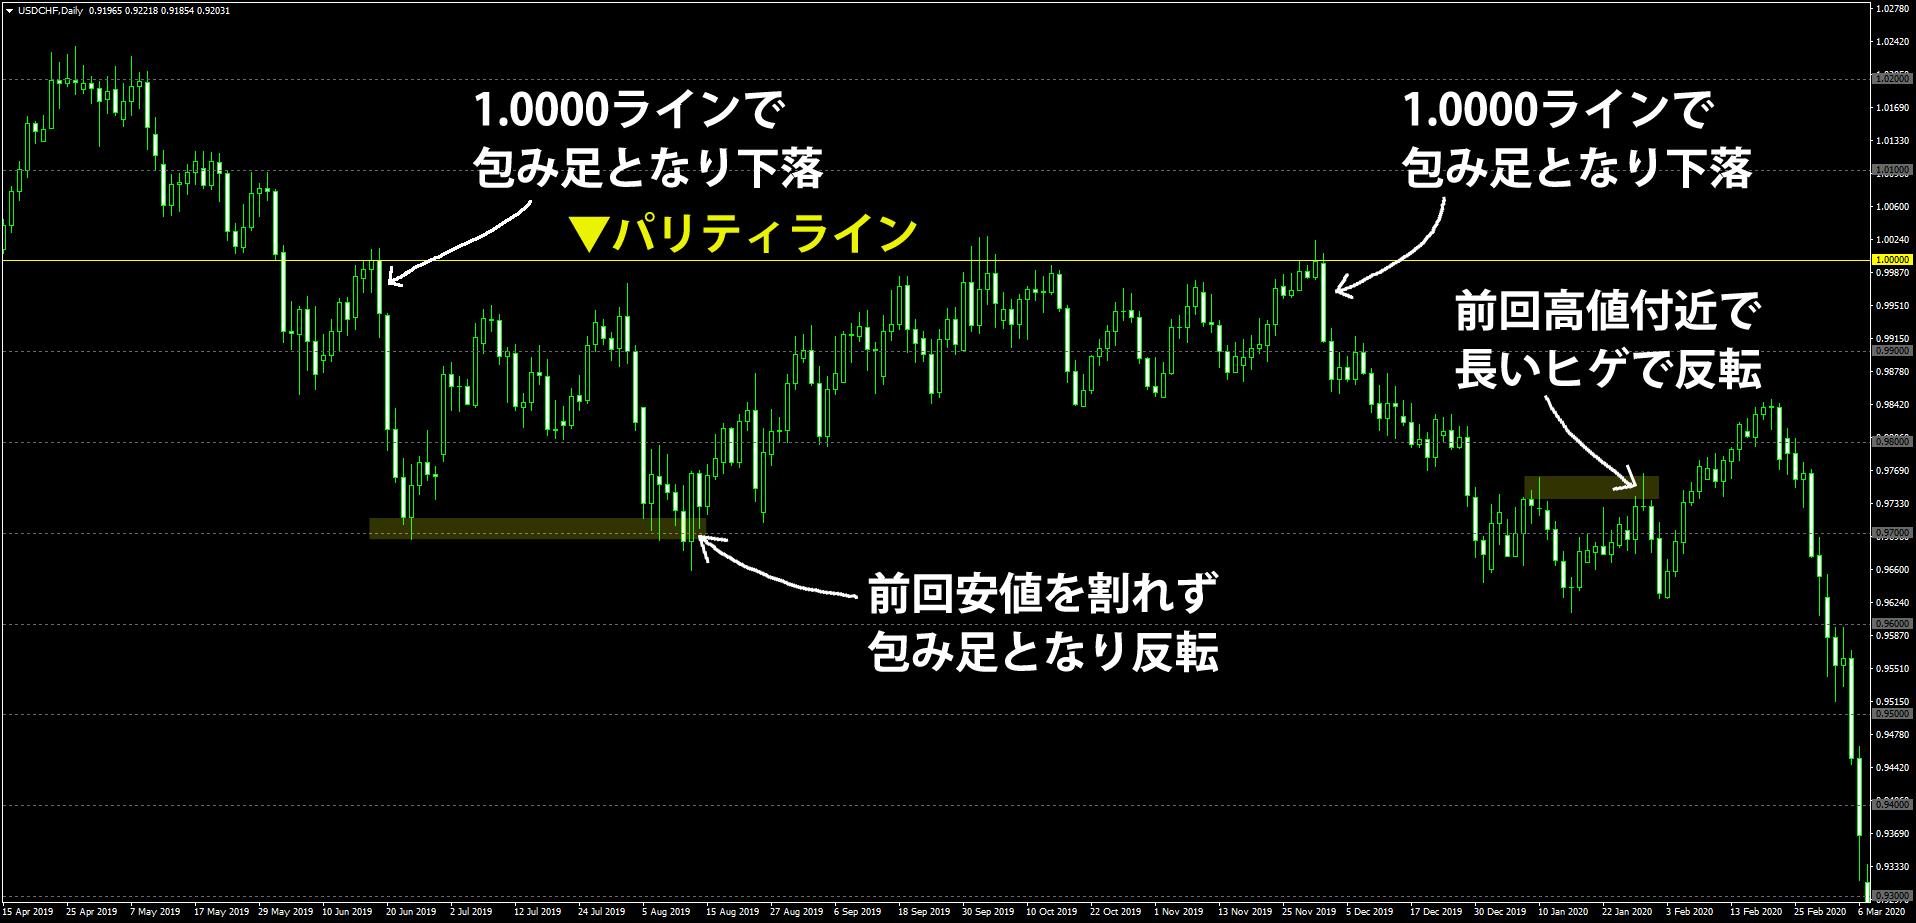 ドルスイスフラン日足チャートでの反転ポイント事例